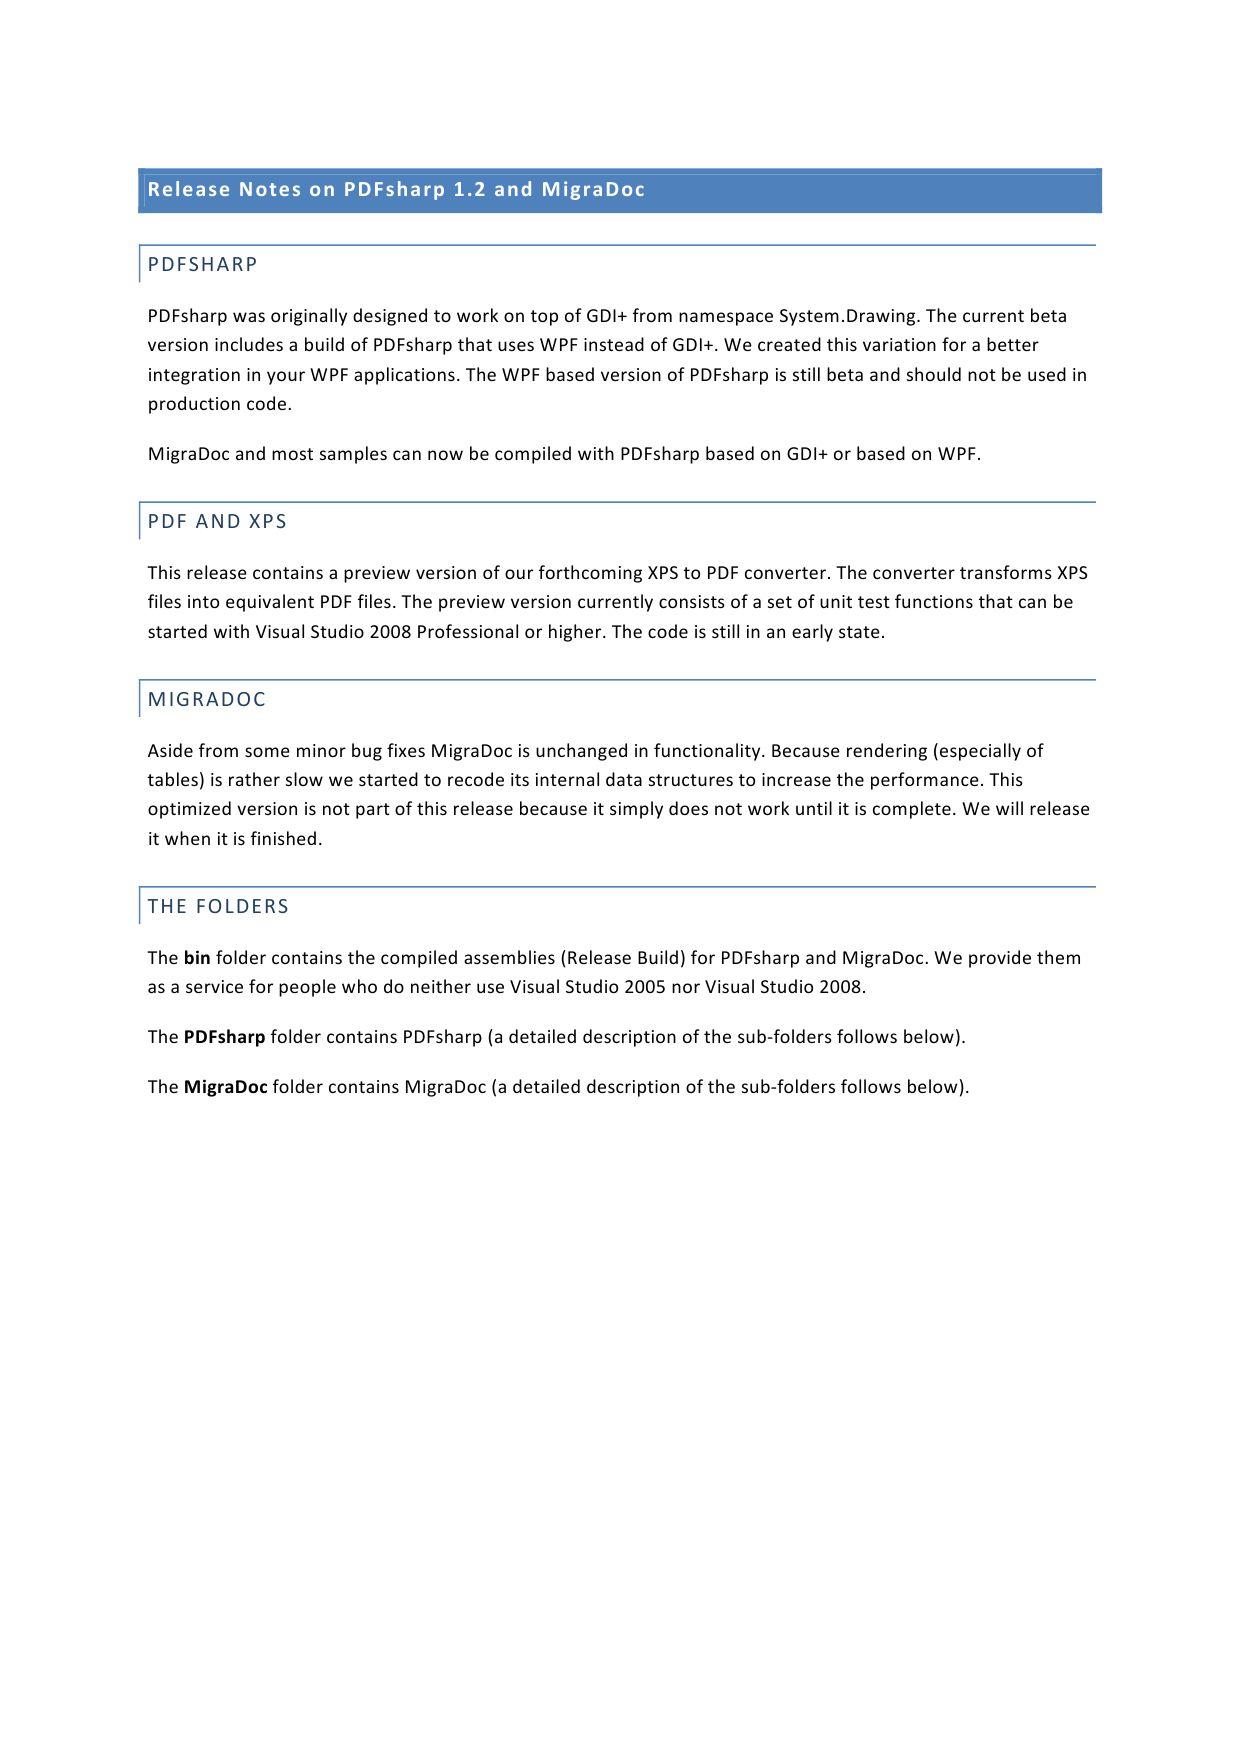 Prueba archivo PDF by jose luis - issuu